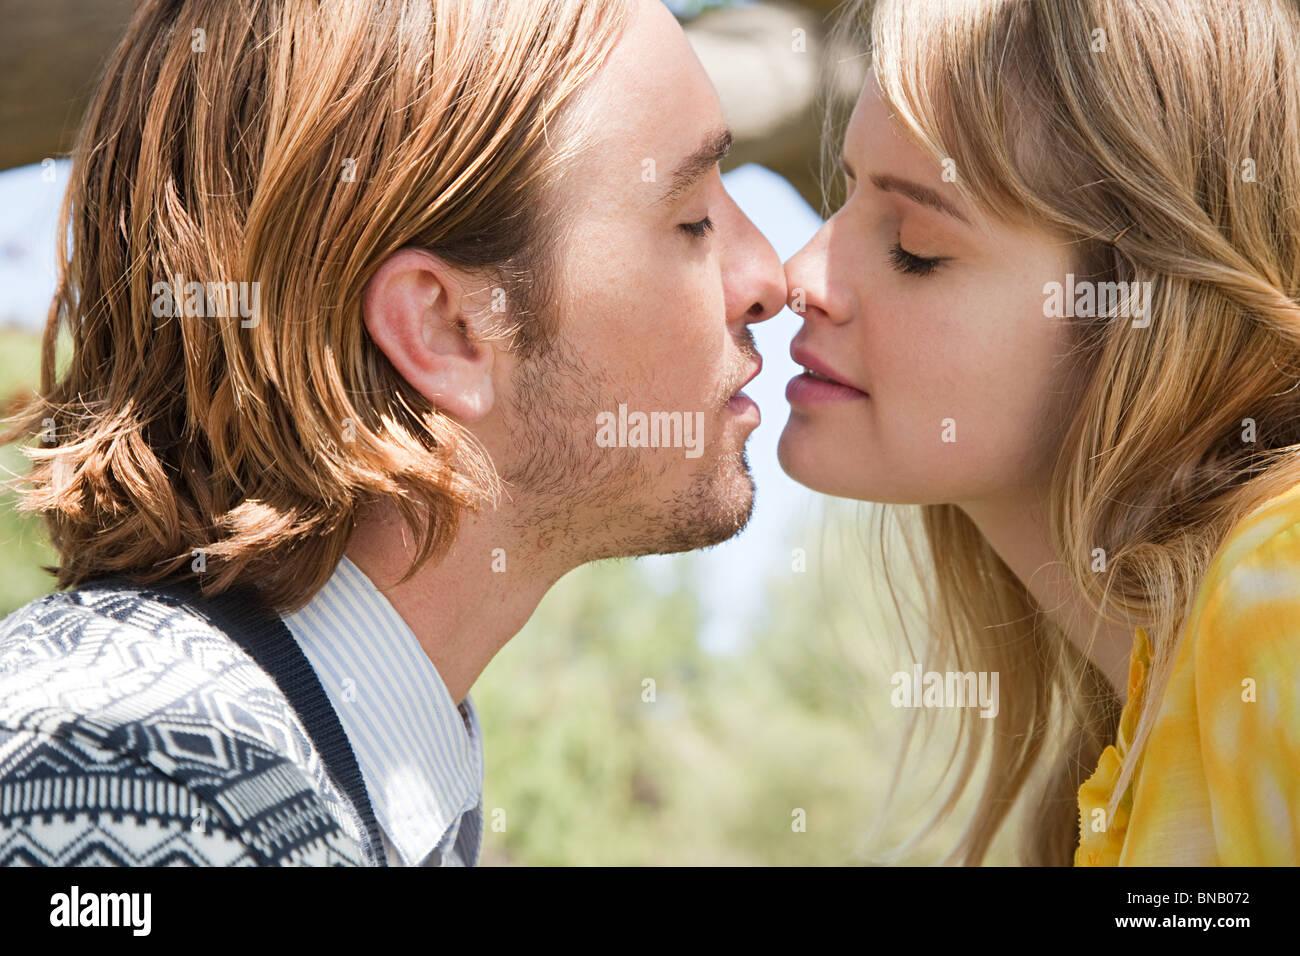 Coppia giovane circa a baciare Immagini Stock